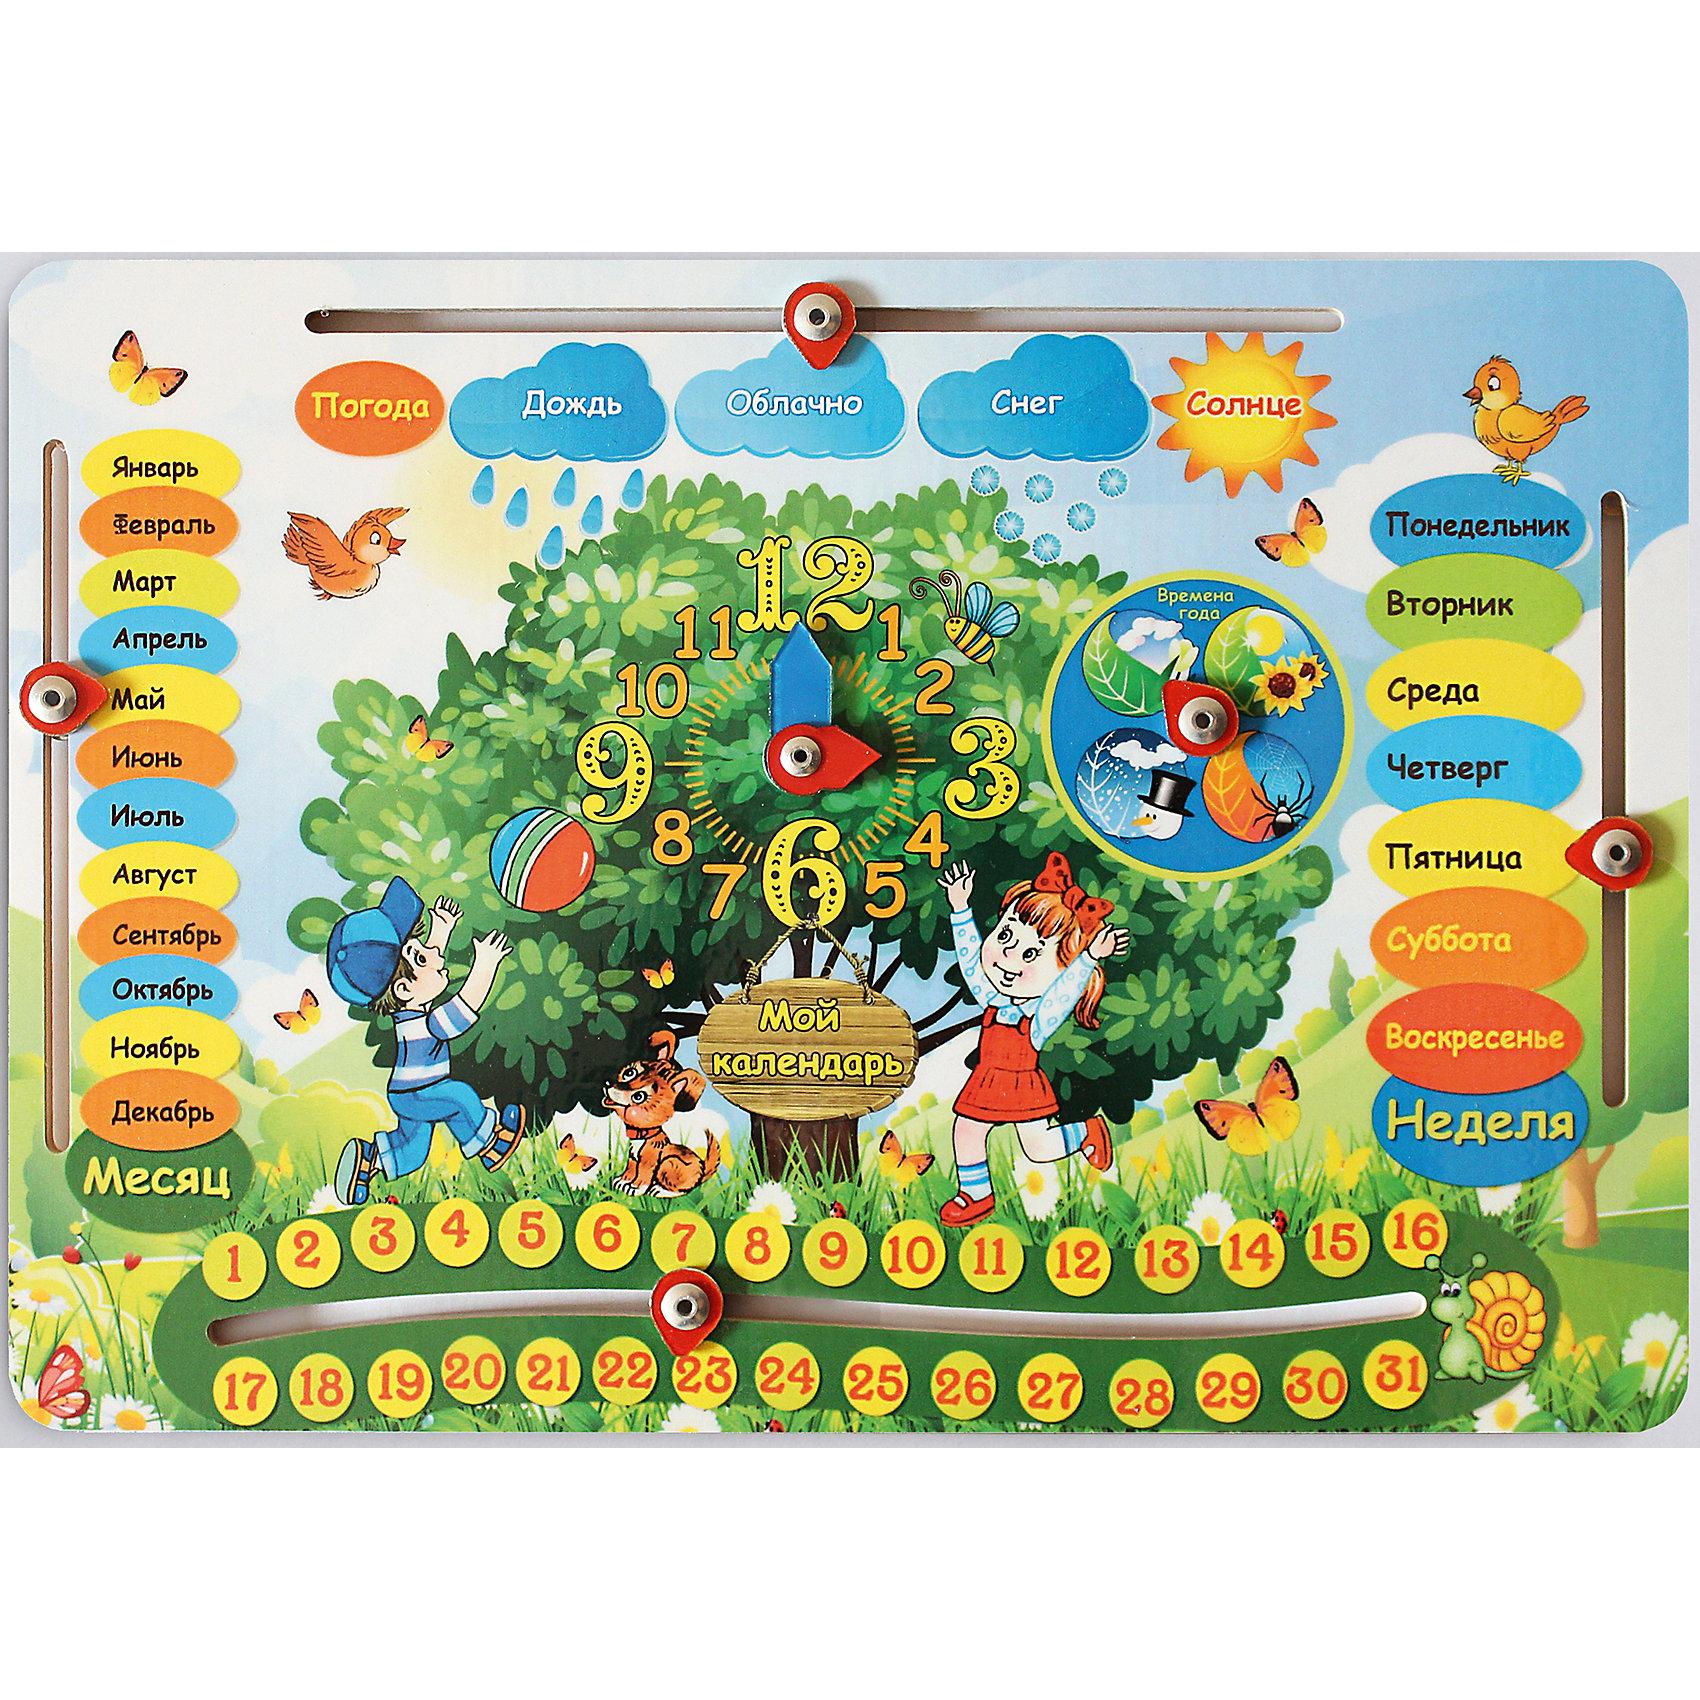 Развивающая игрушка: обучающая доска  «Календарь», Мастер игрушекИгры для дошкольников<br>Развивающая игра Календарь познакомит малыша с месяцами, днями недели, погодой, числами и часами. Доска оснащена движущимися стрелками, с помощью которых можно установить нужное время или месяц. Сначала ребенку нужно будет показать как это делается и объяснить что значит каждый месяц или час. С этой доской ребенок с радостью получит такие важные знания!<br><br>Дополнительная информация:<br>Материал: металл, дерево<br>Размер: 27.5x19 x0.5 см<br>Вес: 220 грамм<br>Вы можете приобрести Календарь в нашем интернет-магазине.<br><br>Ширина мм: 275<br>Глубина мм: 190<br>Высота мм: 10<br>Вес г: 220<br>Возраст от месяцев: 36<br>Возраст до месяцев: 120<br>Пол: Унисекс<br>Возраст: Детский<br>SKU: 4953661